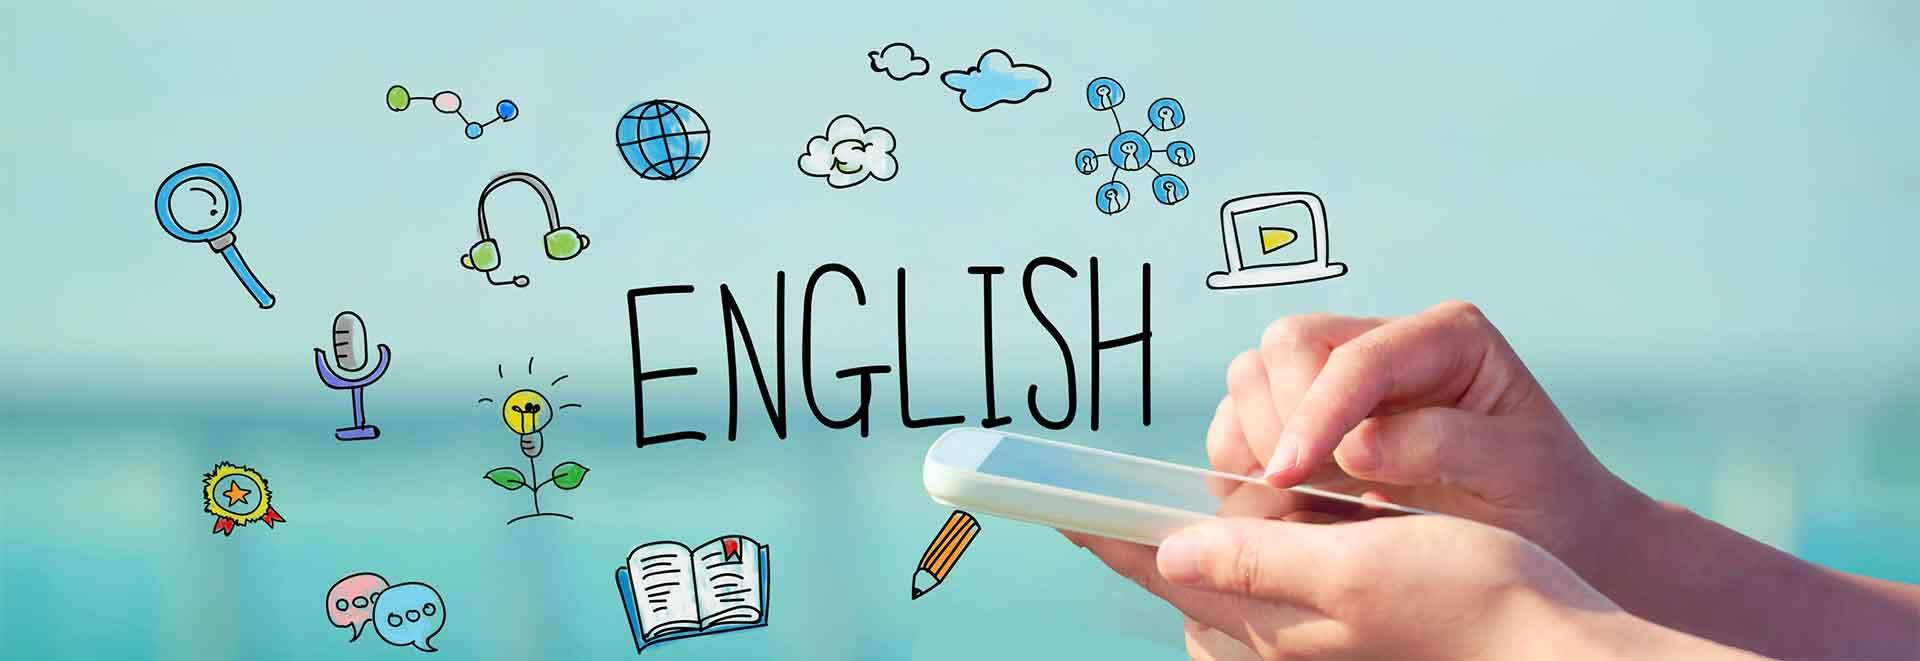 corsi di inglese online di wall street english a salerno